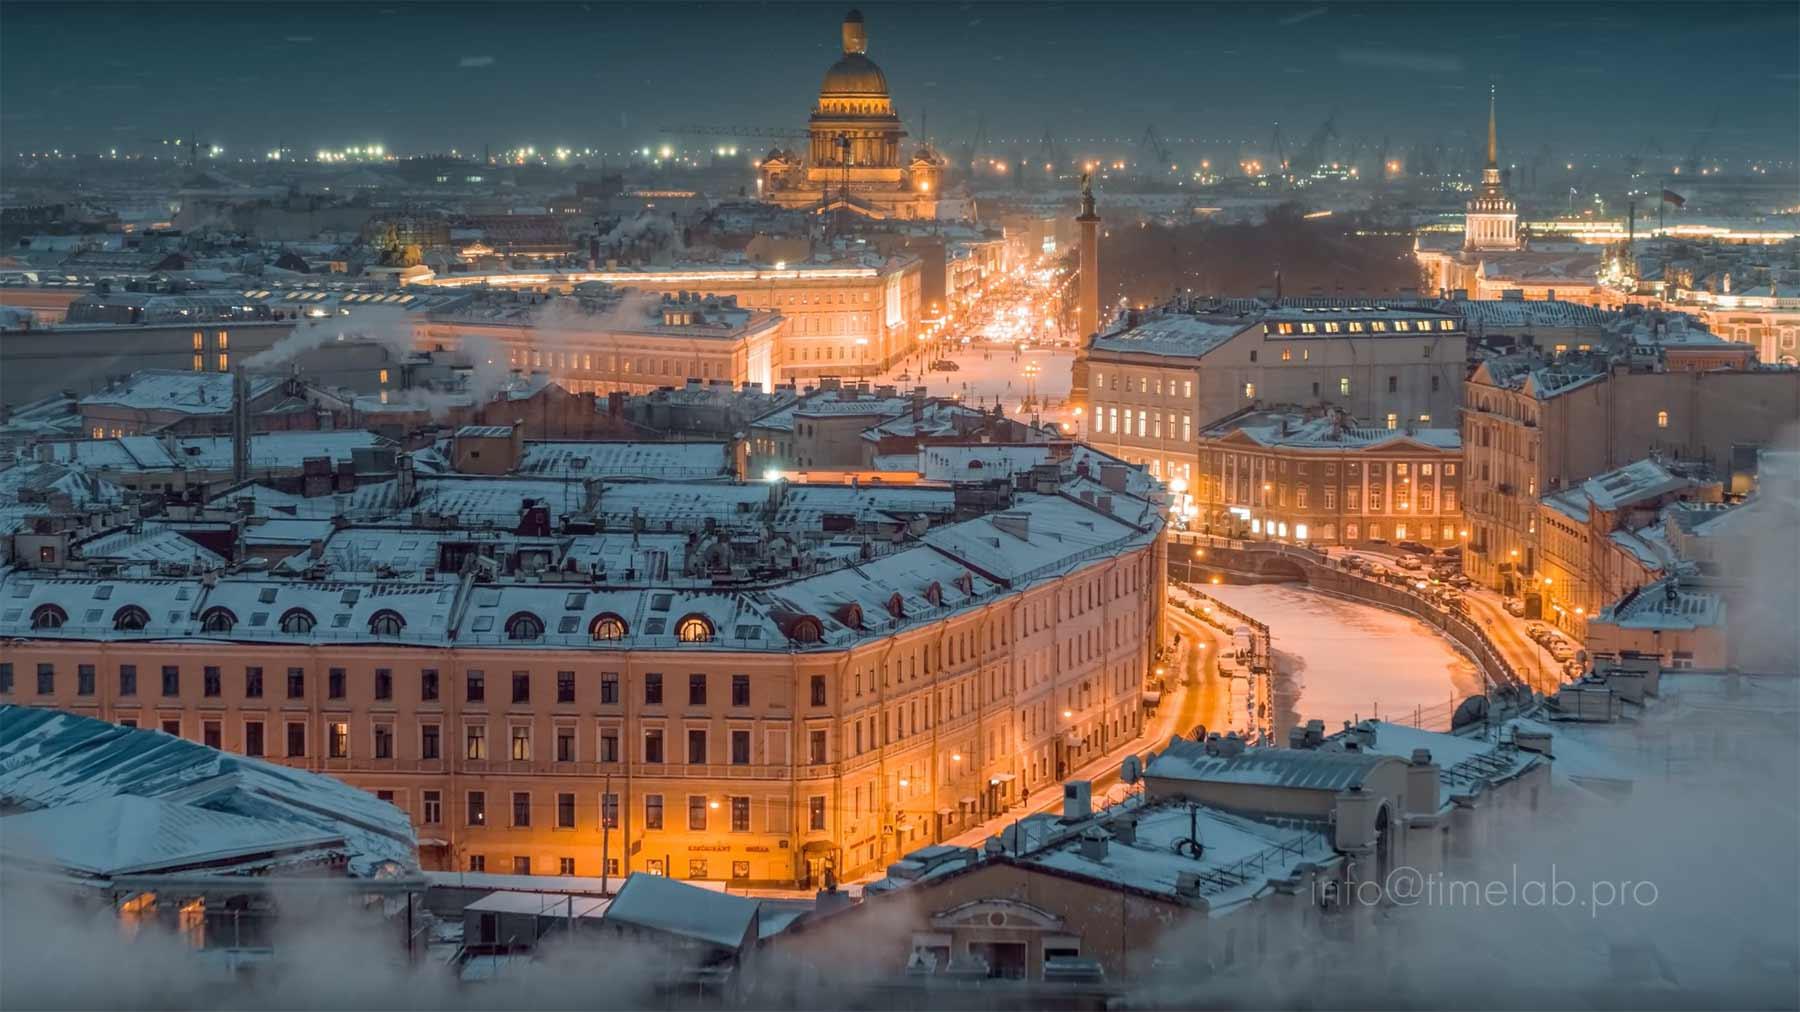 Wunderschönes Timelapse: St. Petersburg & Moskau timelab-pro-st-petersburg-timelapse